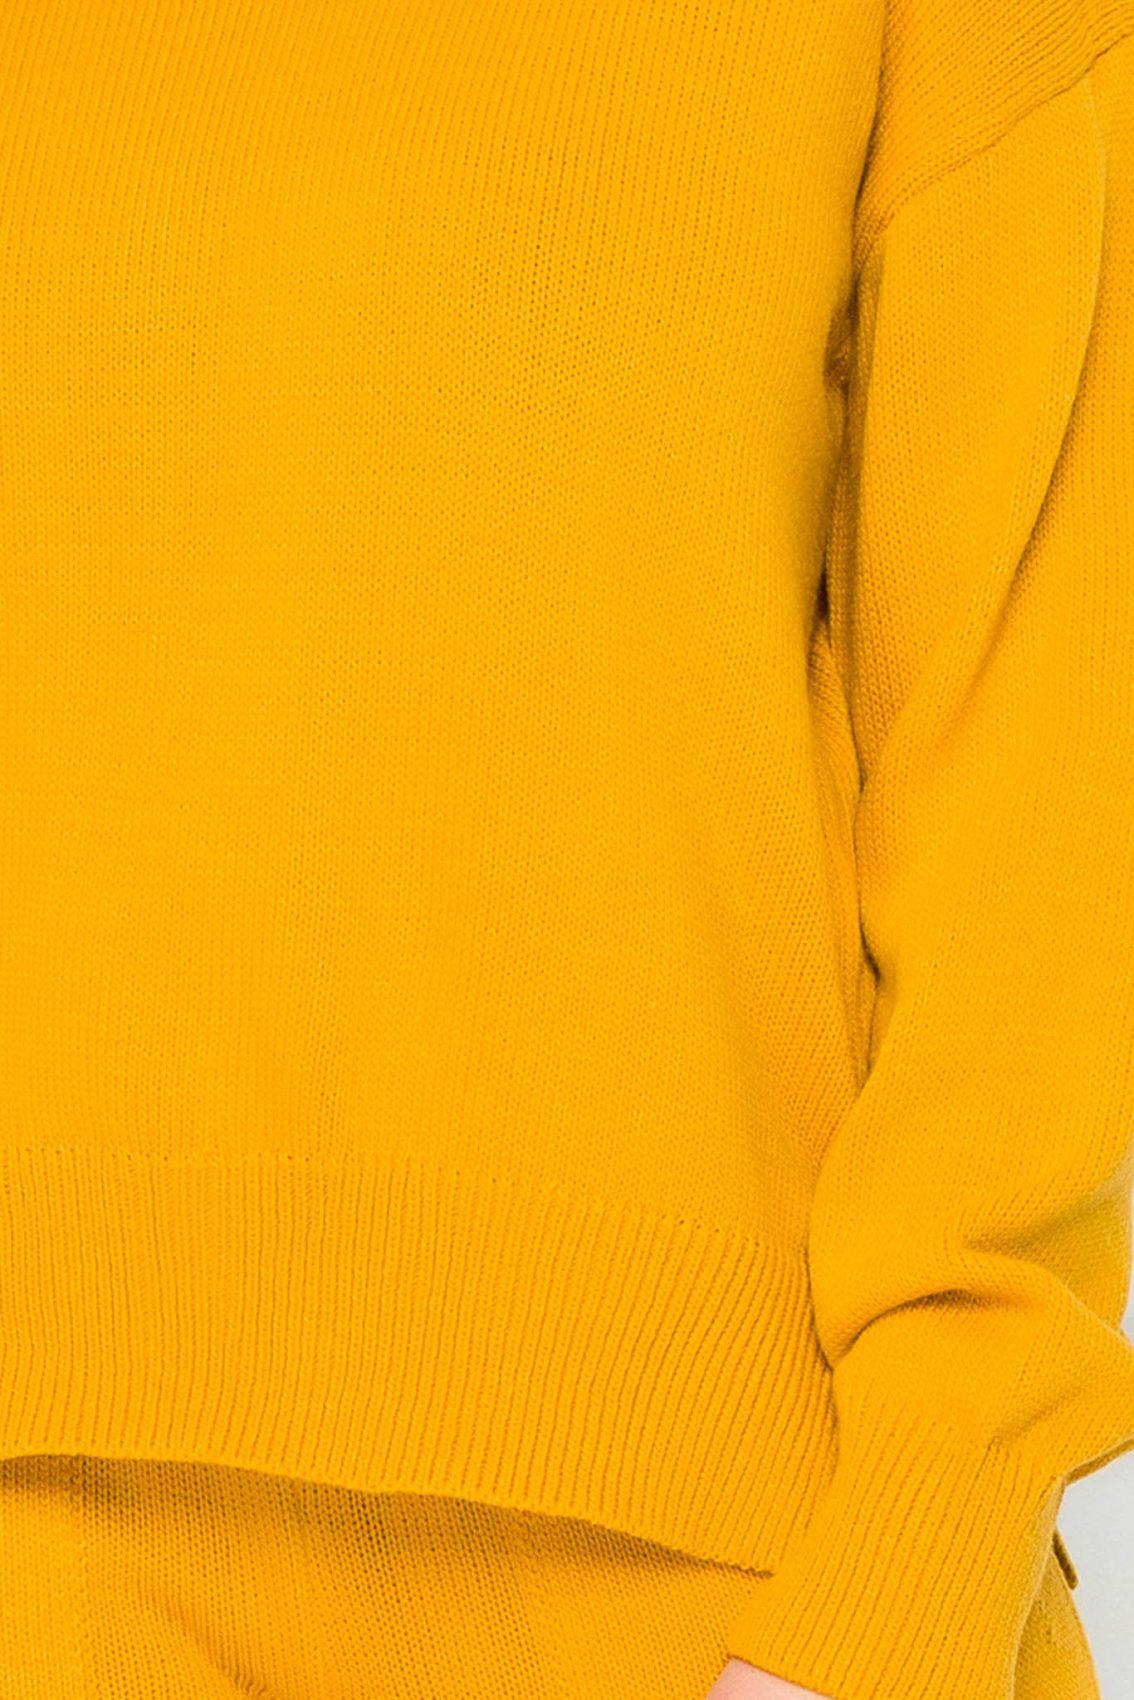 Κίτρινο Πλεκτό Σετ Μπλούζα Με Παντελόνι Hara 9215 2